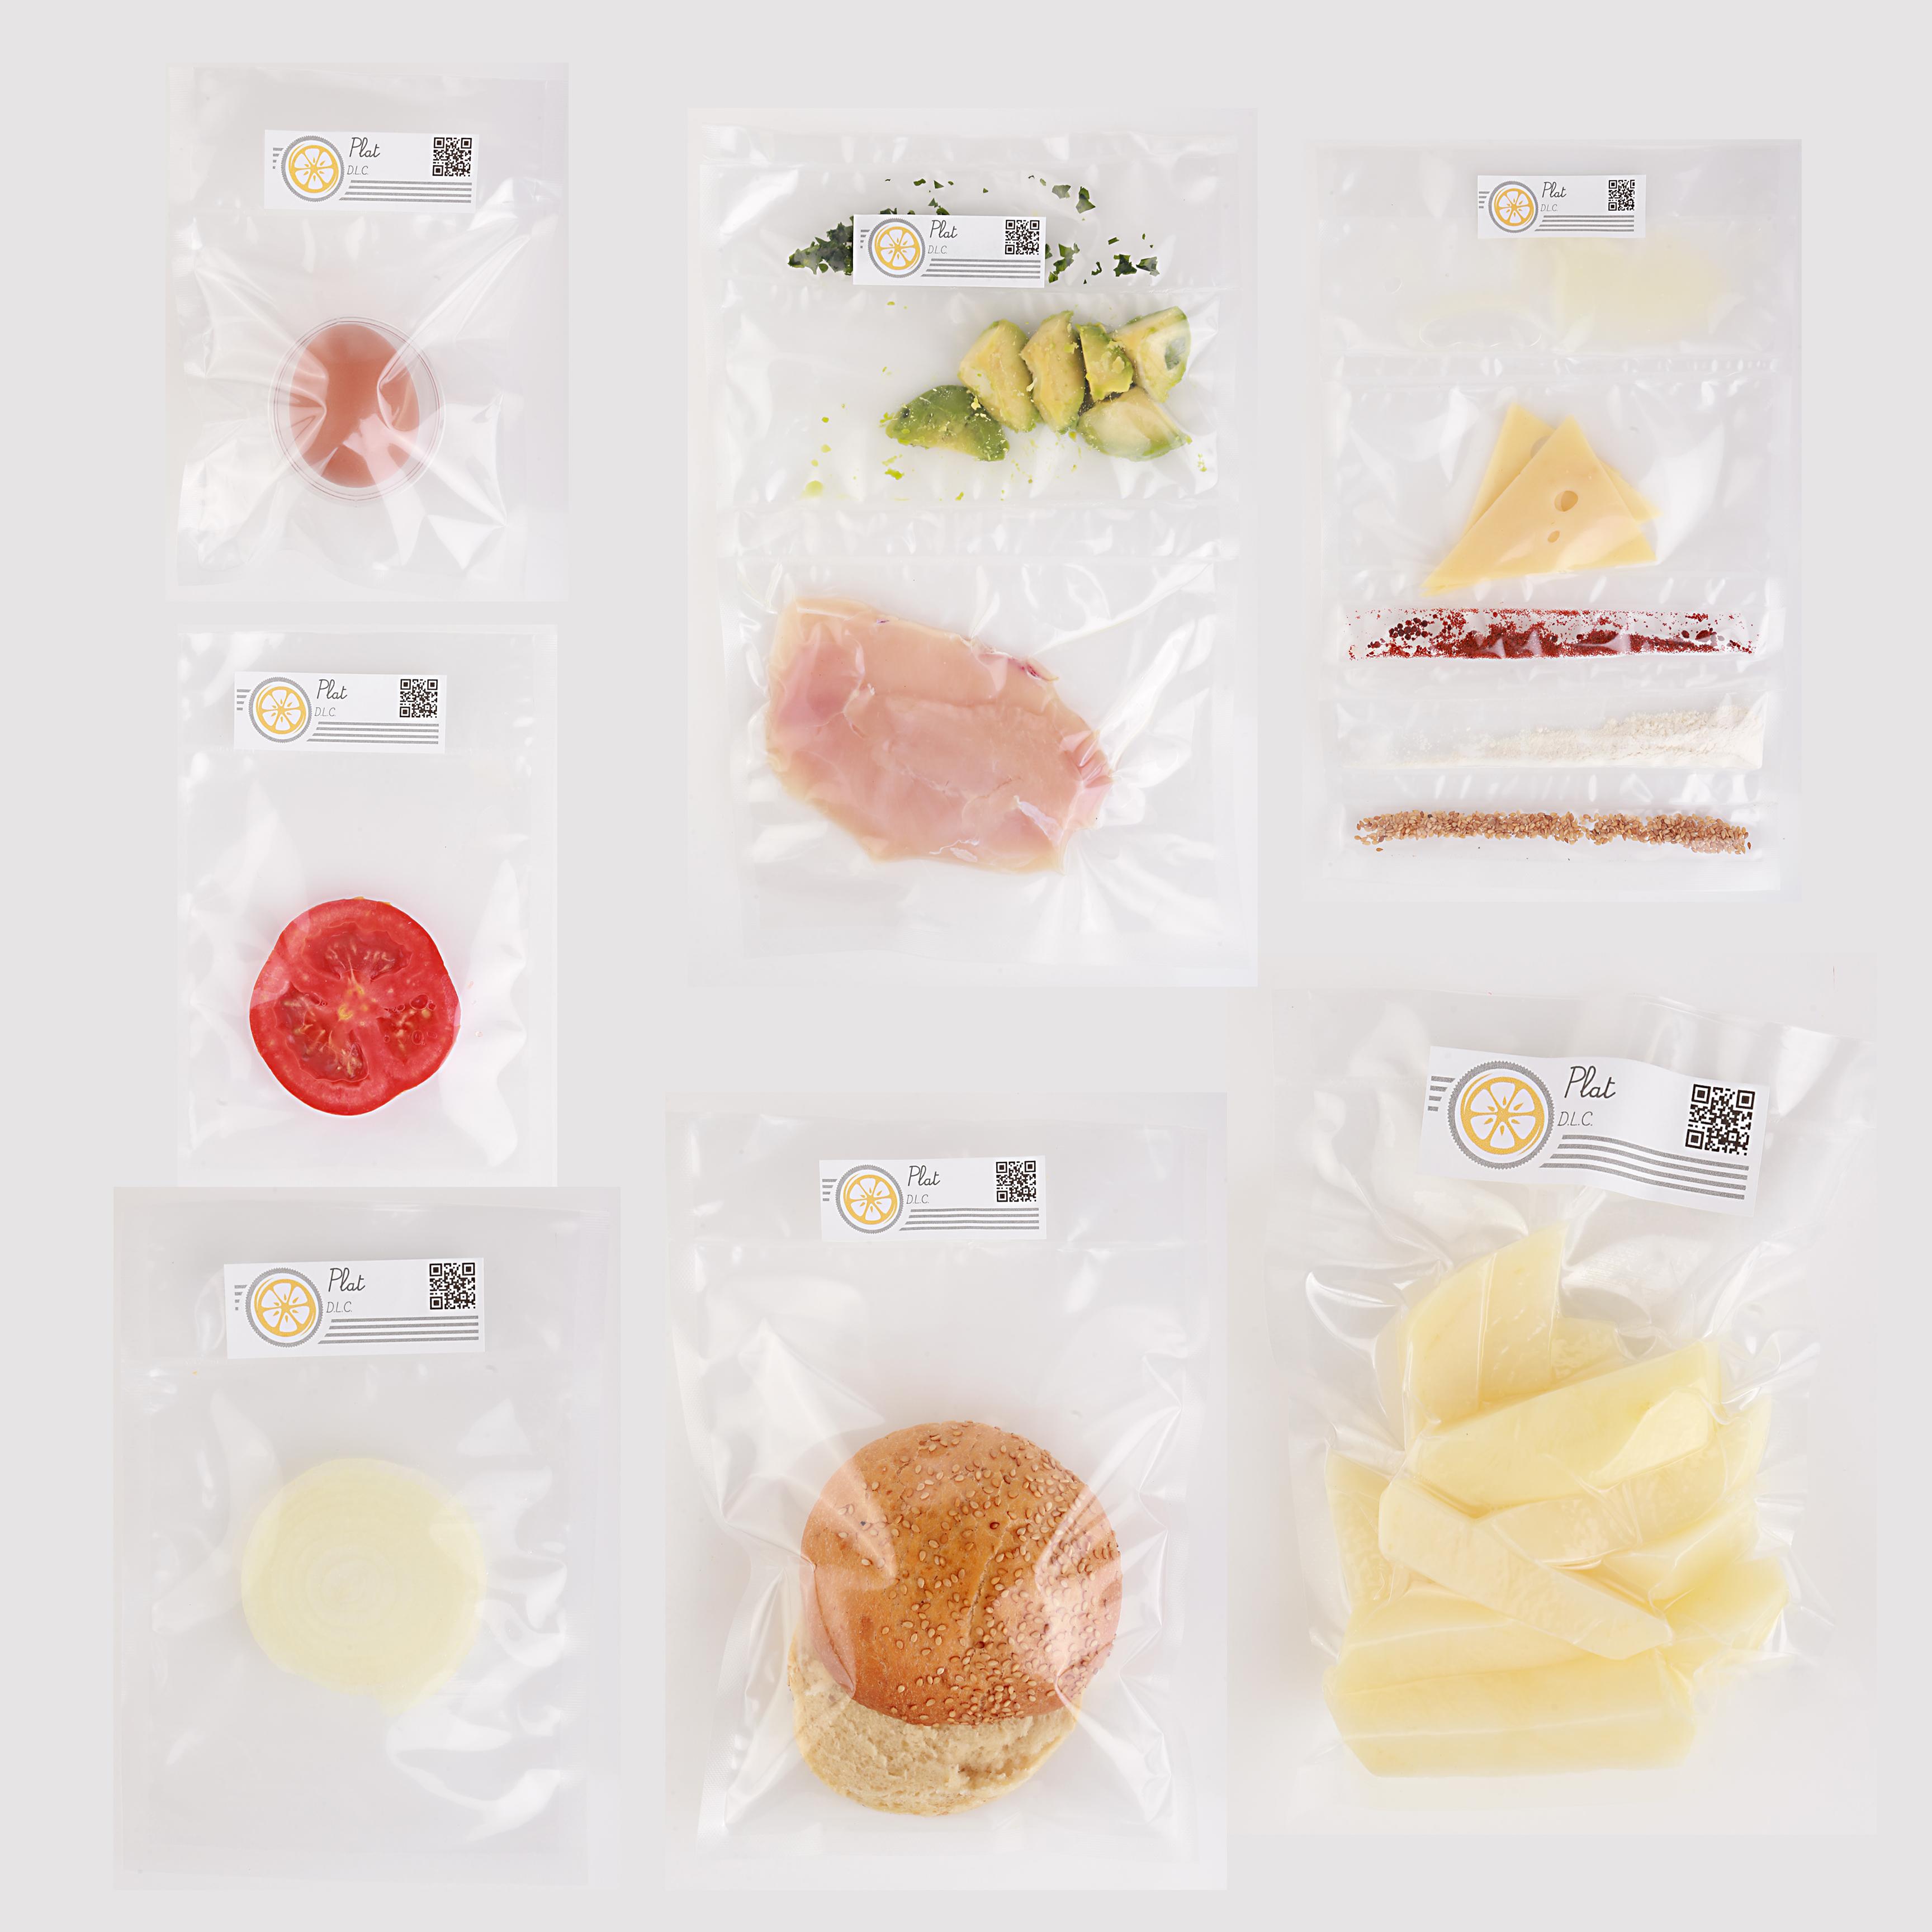 Yuzu Ingredients in Plastic Bags